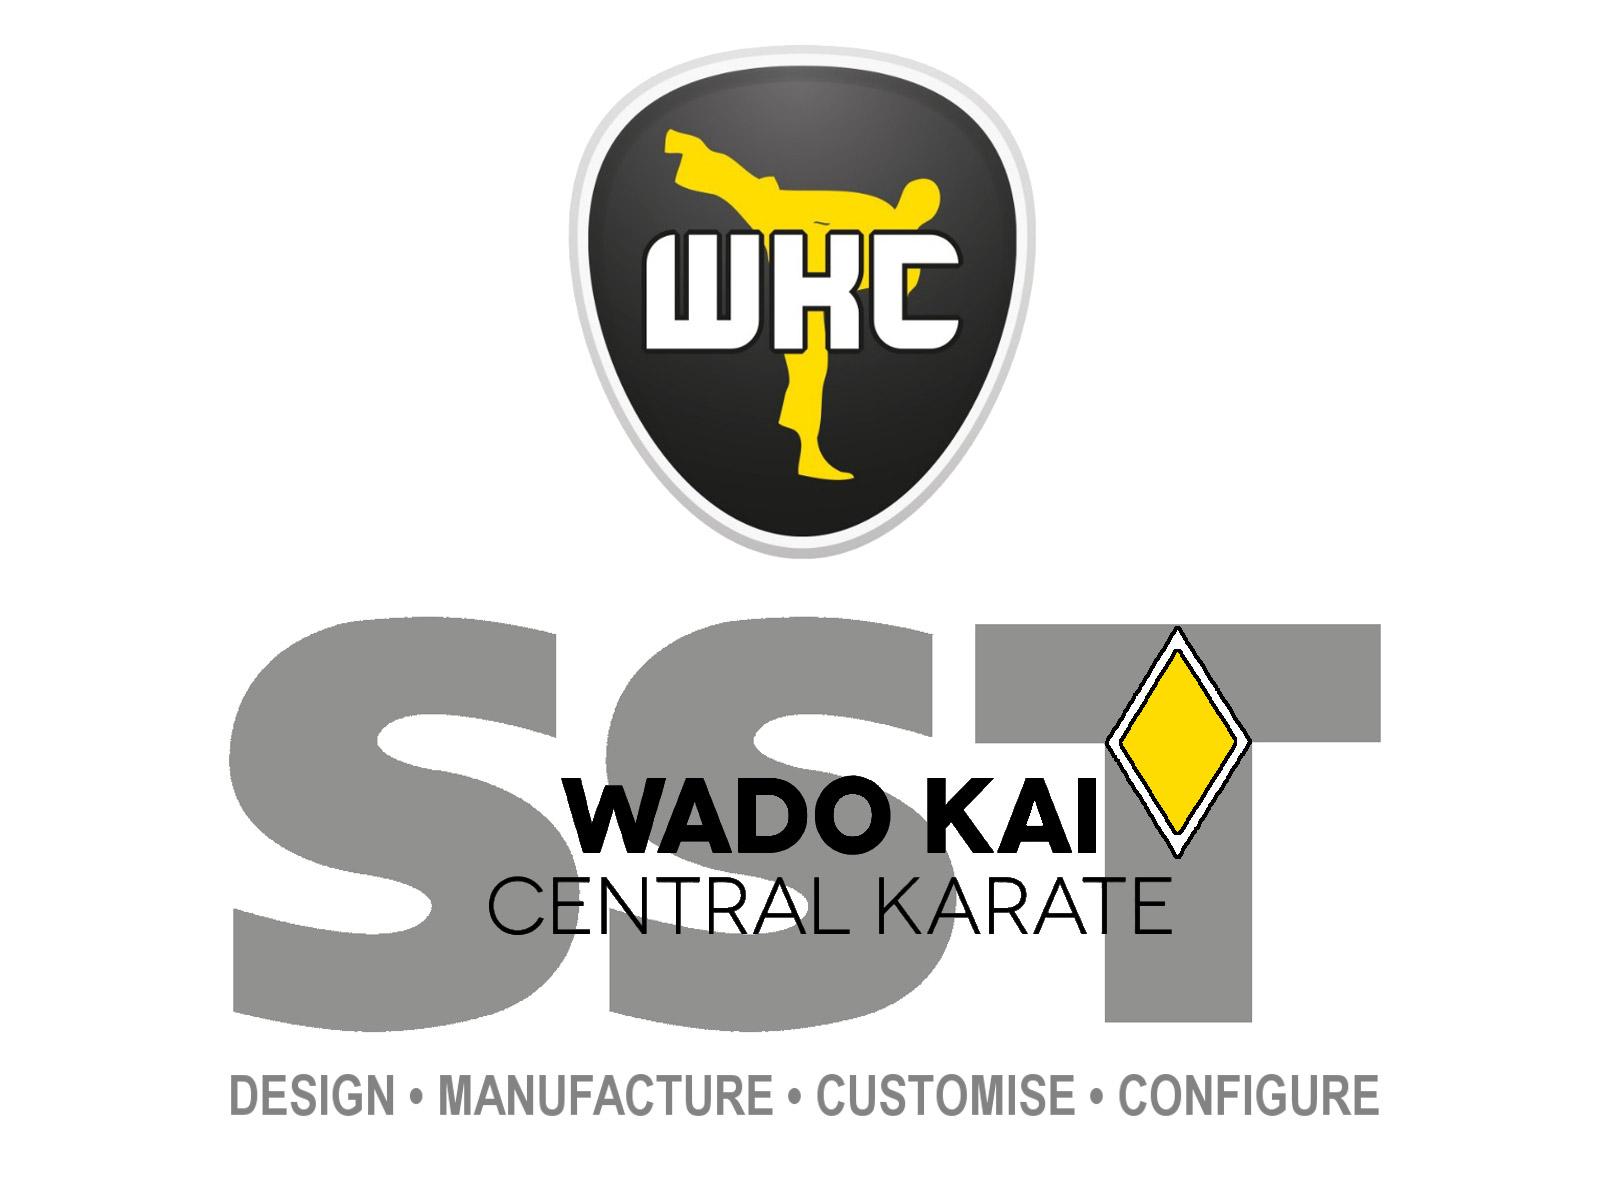 Update on Wado Kai Central Karate